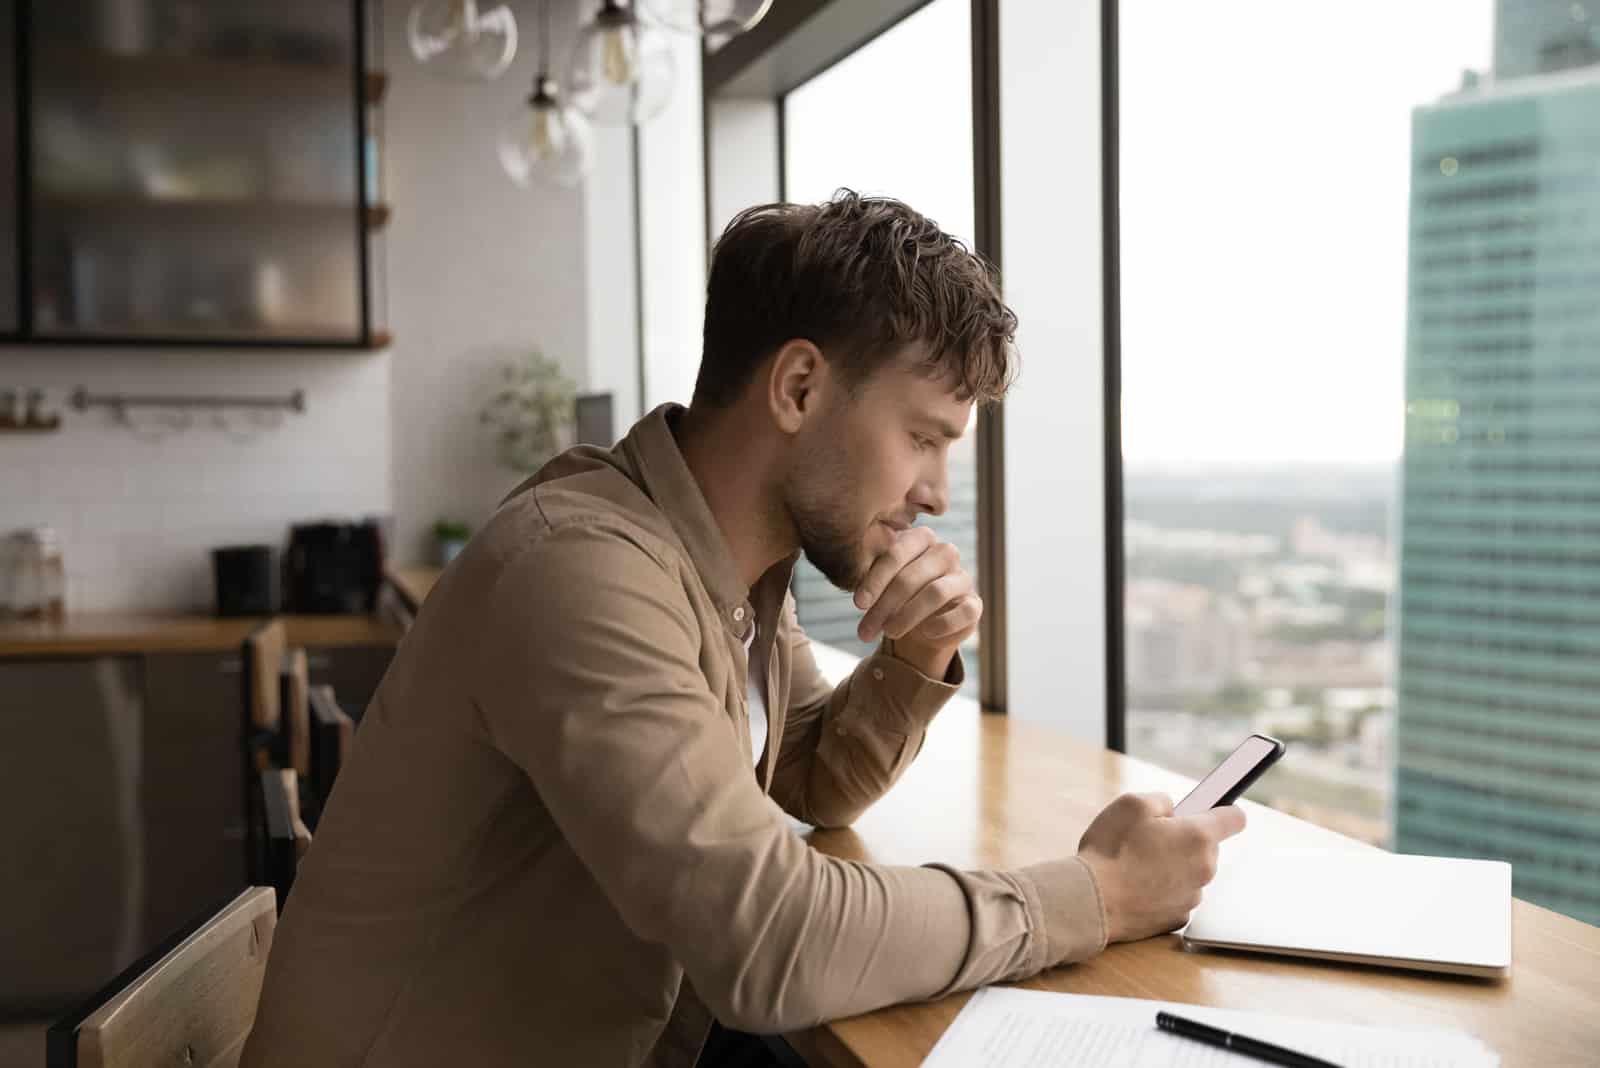 un homme est assis derrière un traîneau et des clés au téléphone